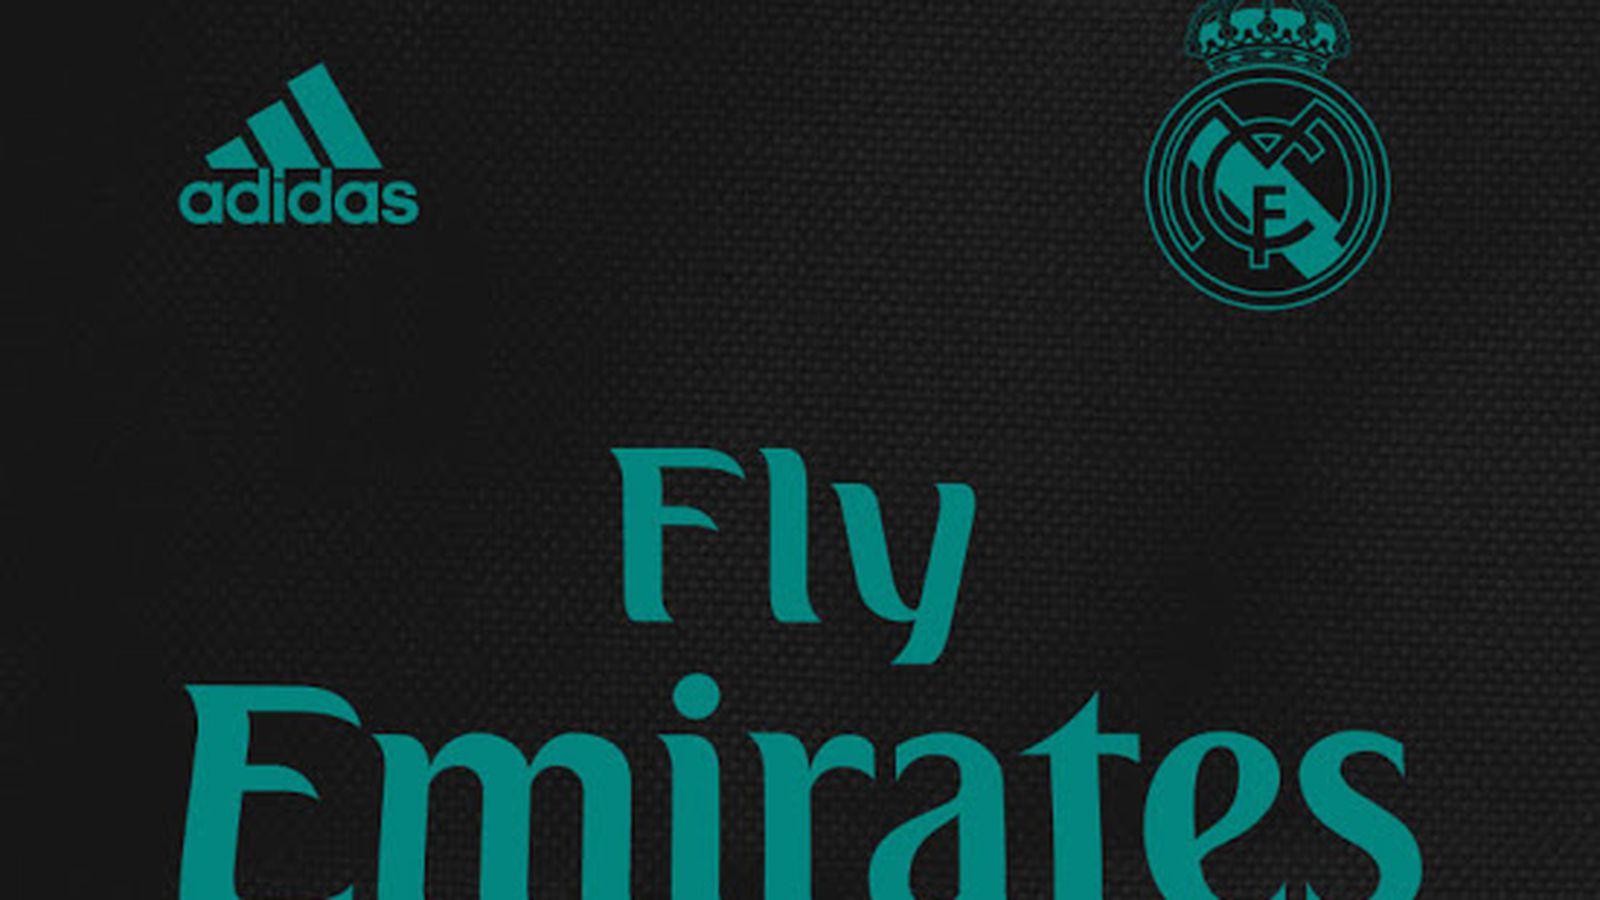 kit - 2017-2018 Madrid